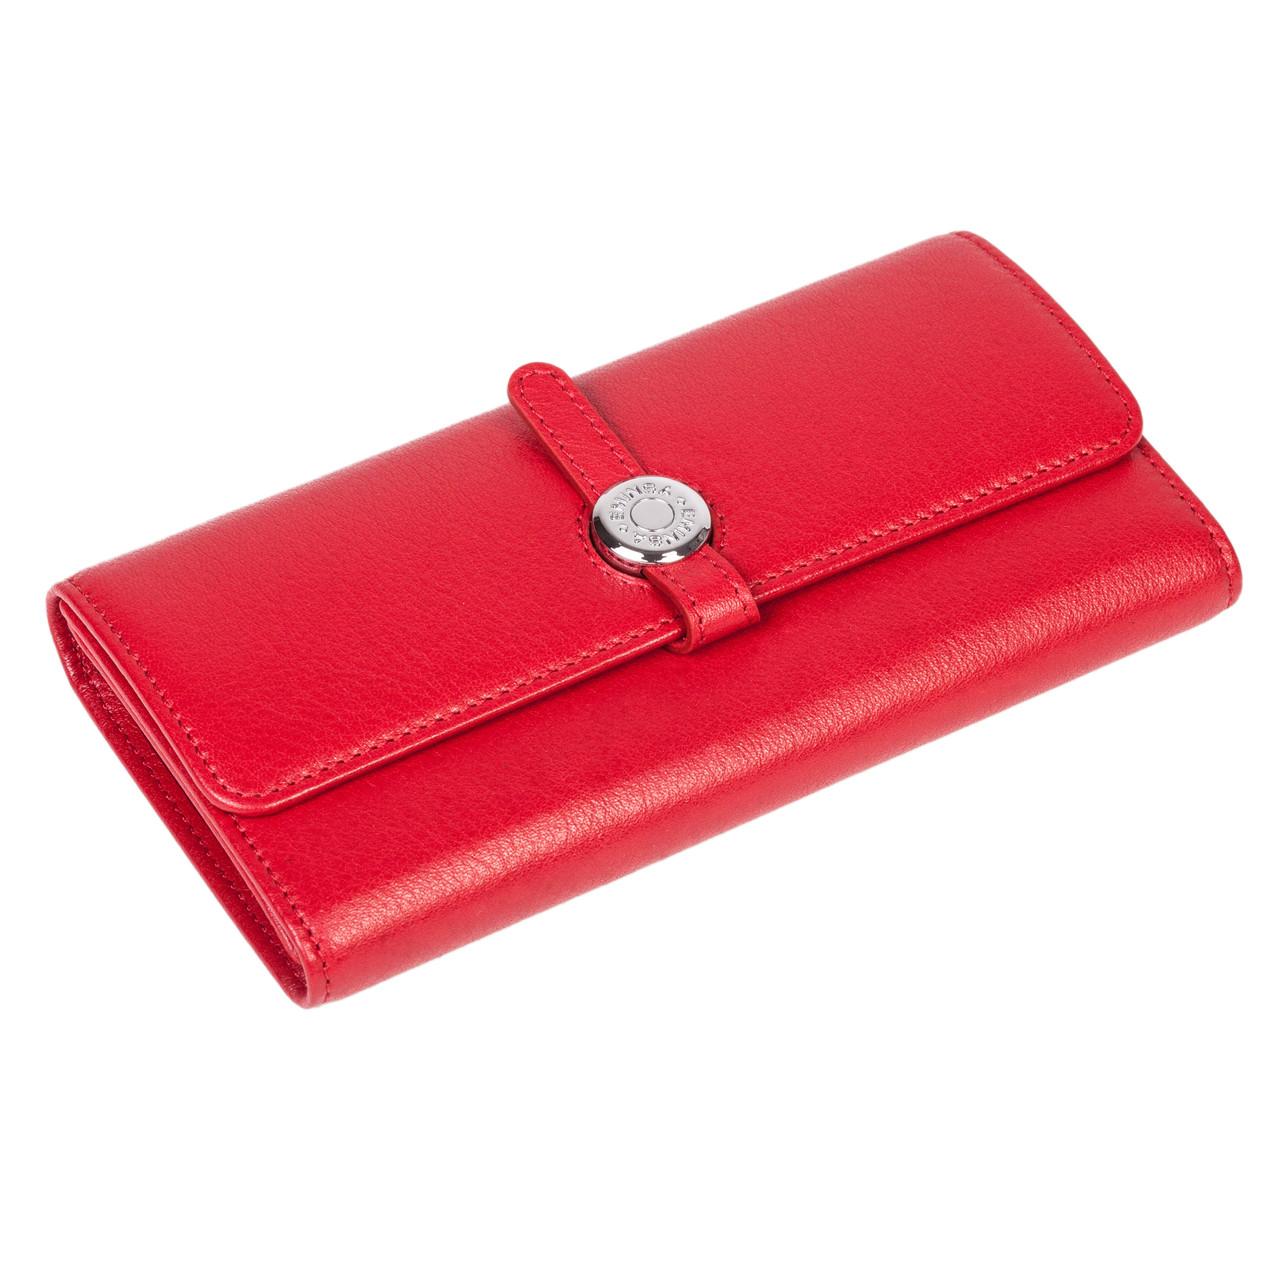 Женский кошелек Eminsa 2114-12-5 кожаный красный